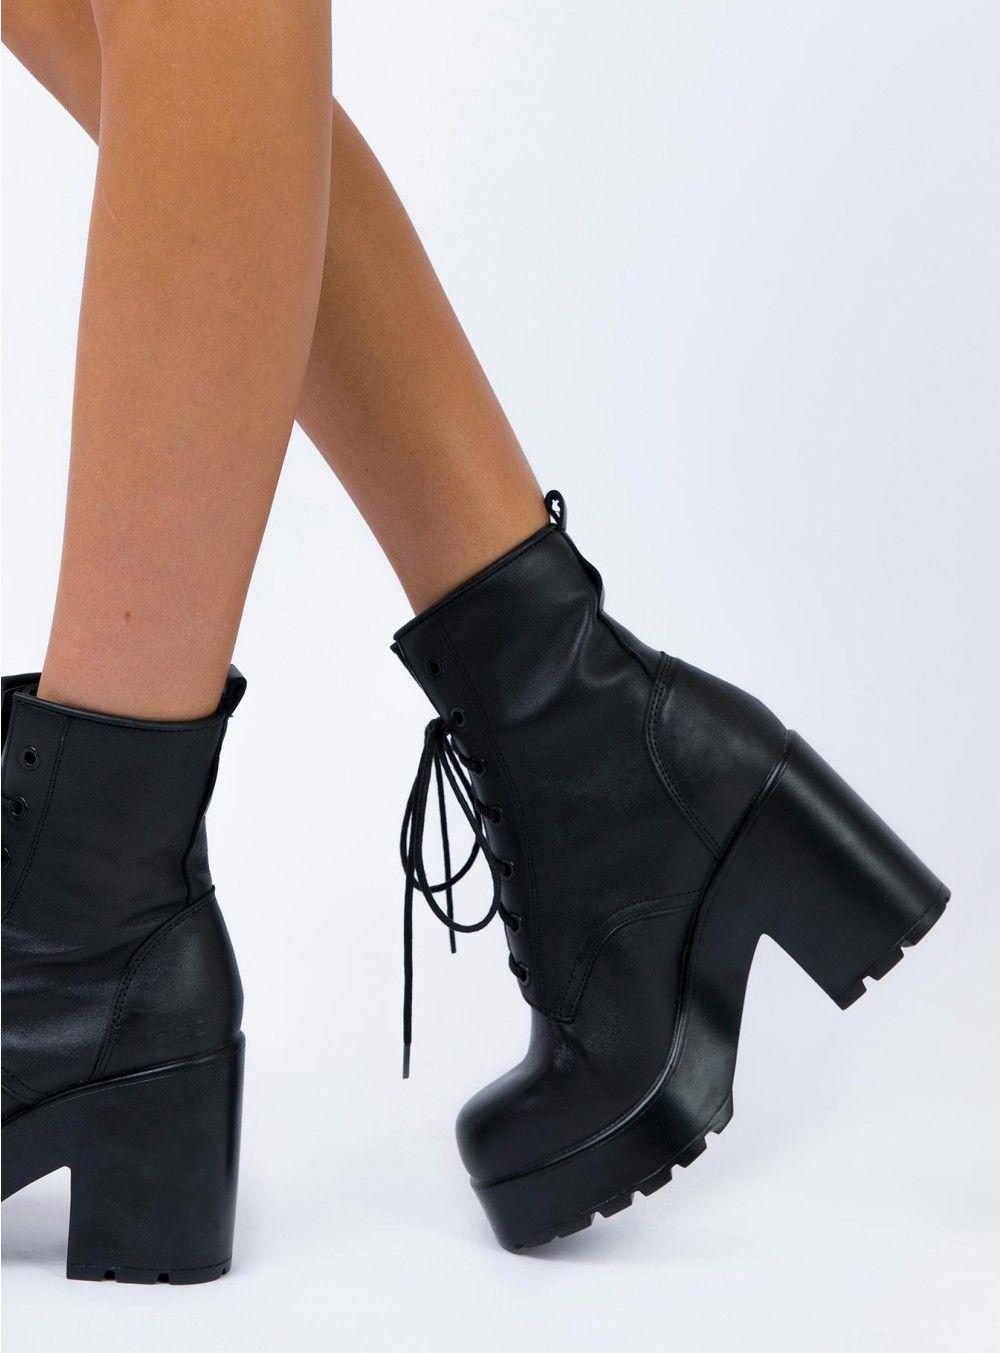 ROC Boots Australia Mascot Boots Black 36 Black | Boots